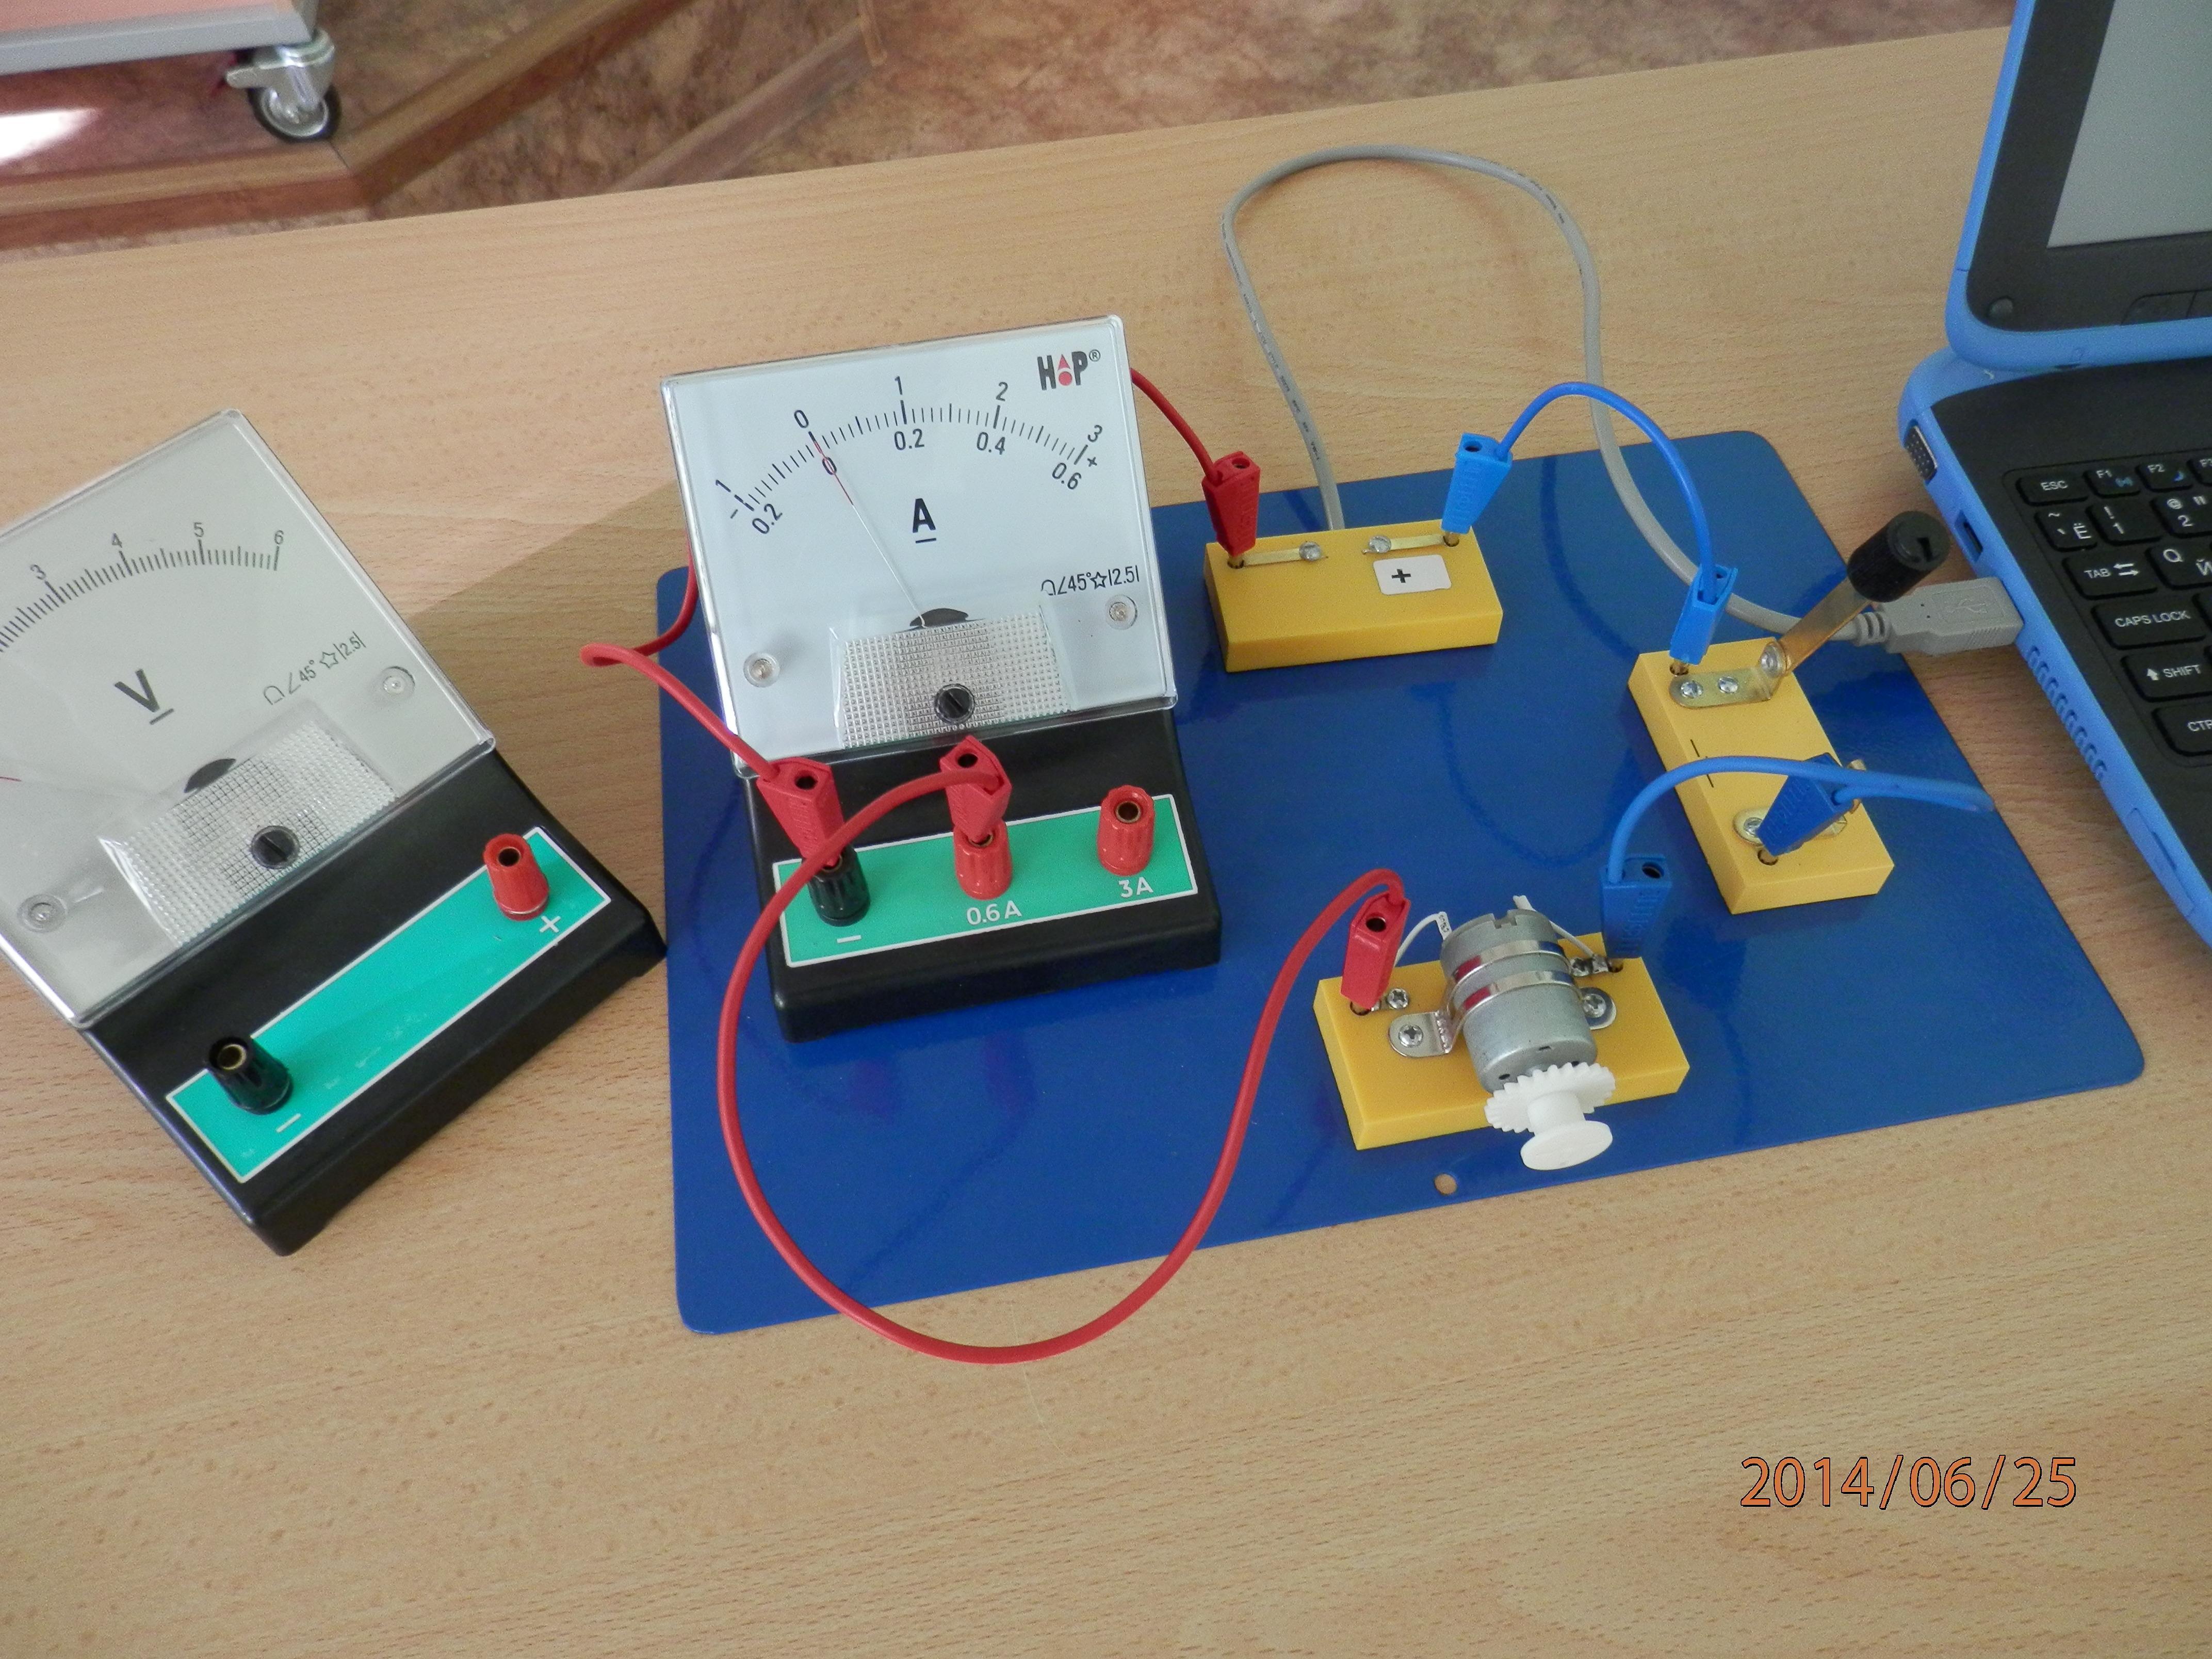 Девушка модель электродвигателя лабораторная работа бренд картье